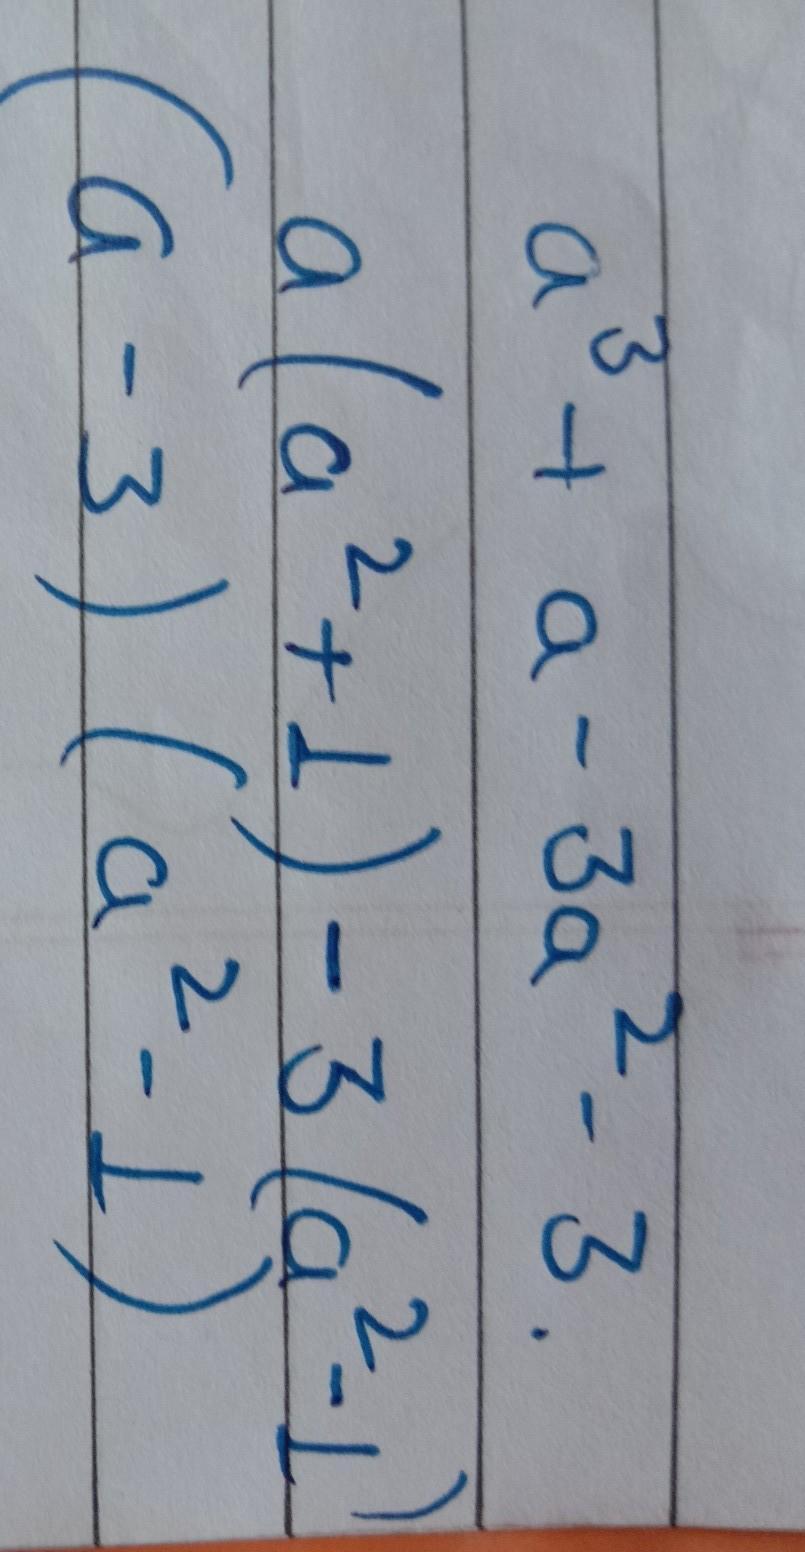 determinar si la siguiente función es biyectiva F (x)=5x-2